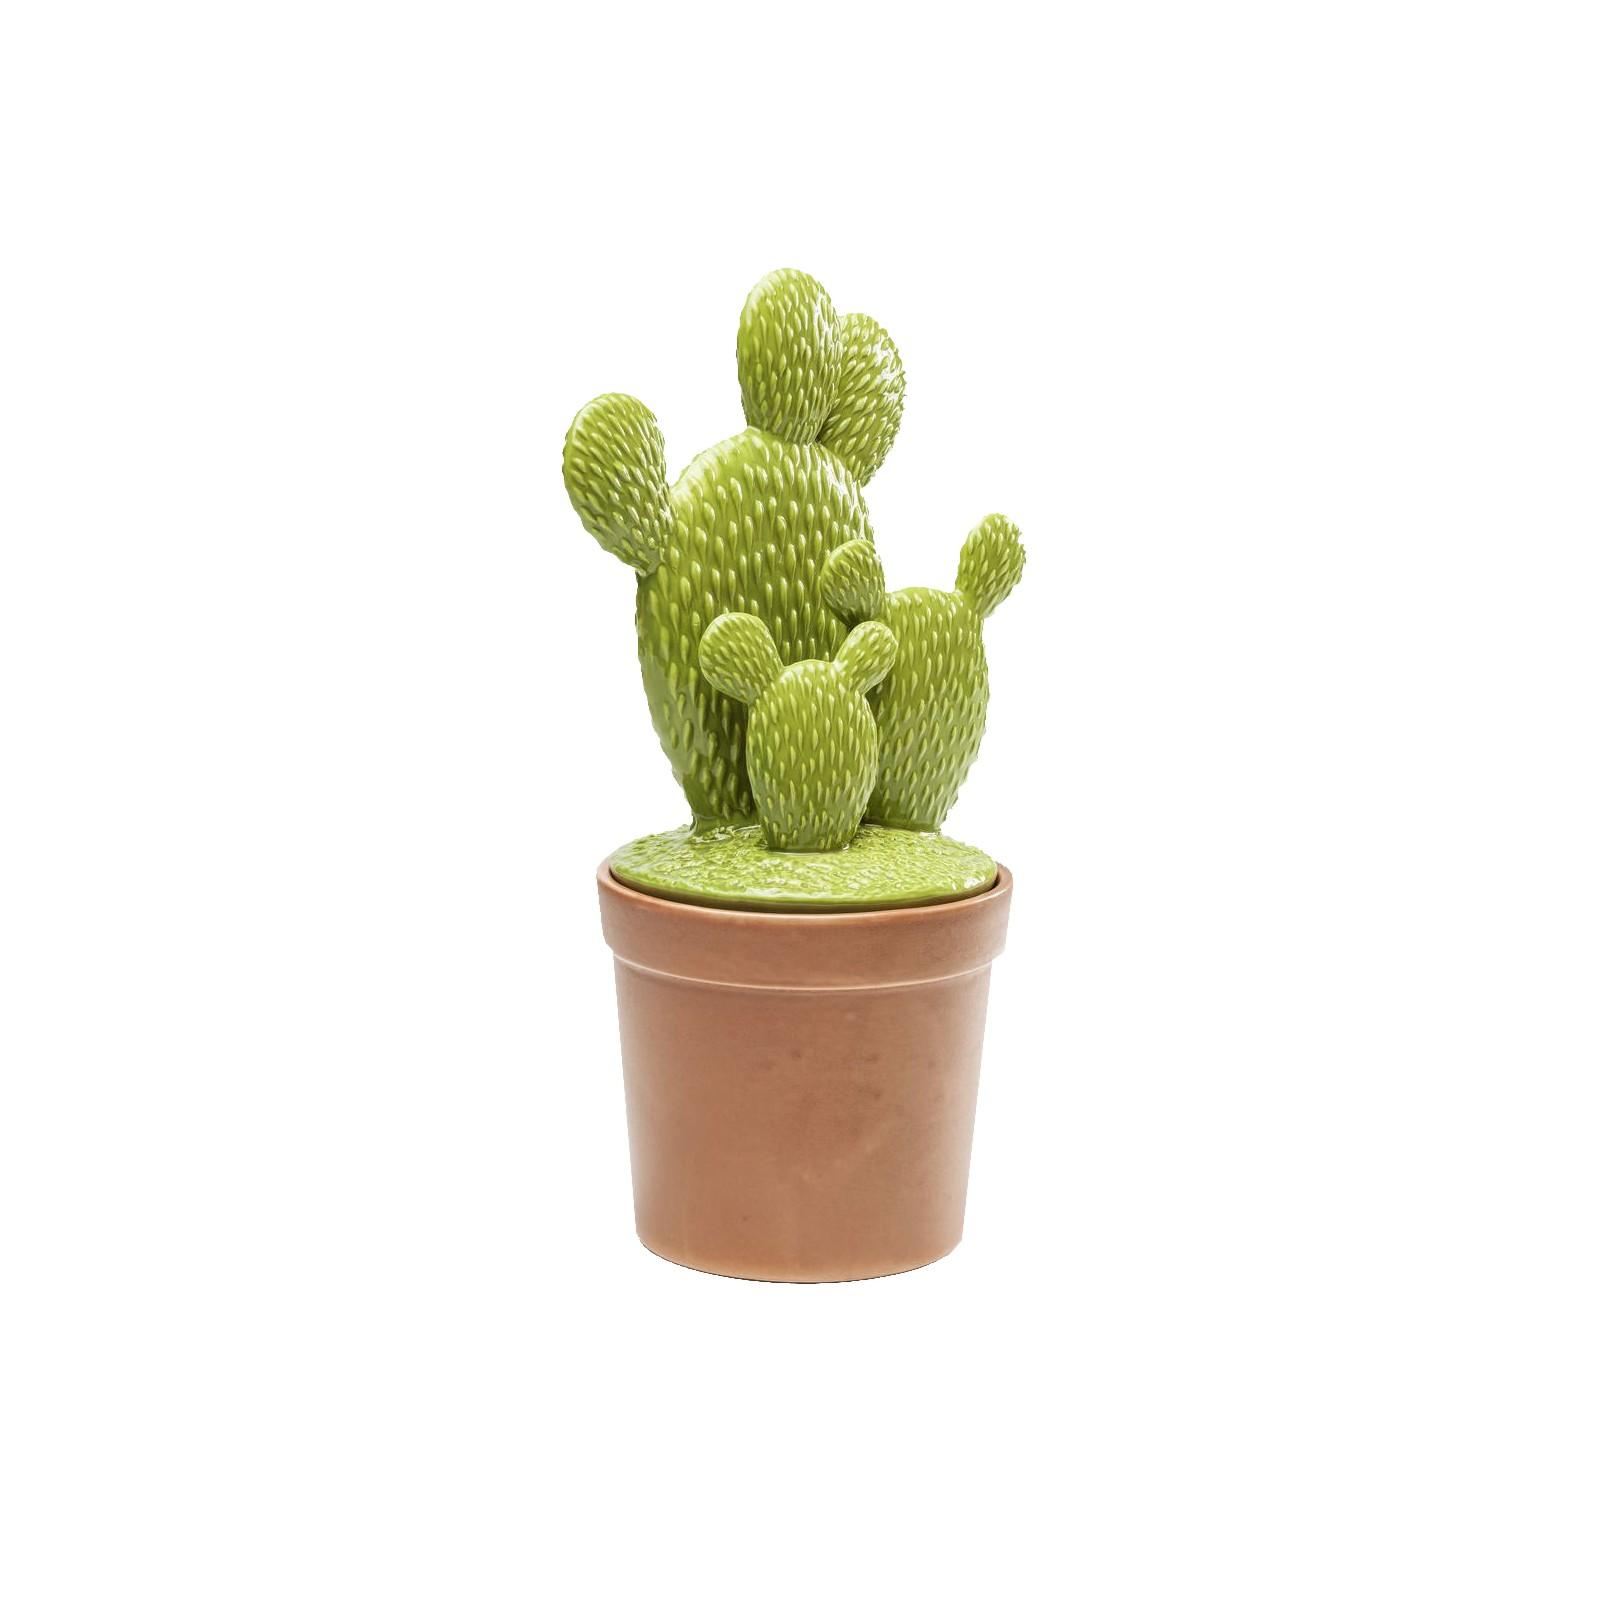 Idée déco la tendance cactus - KARE CLICK